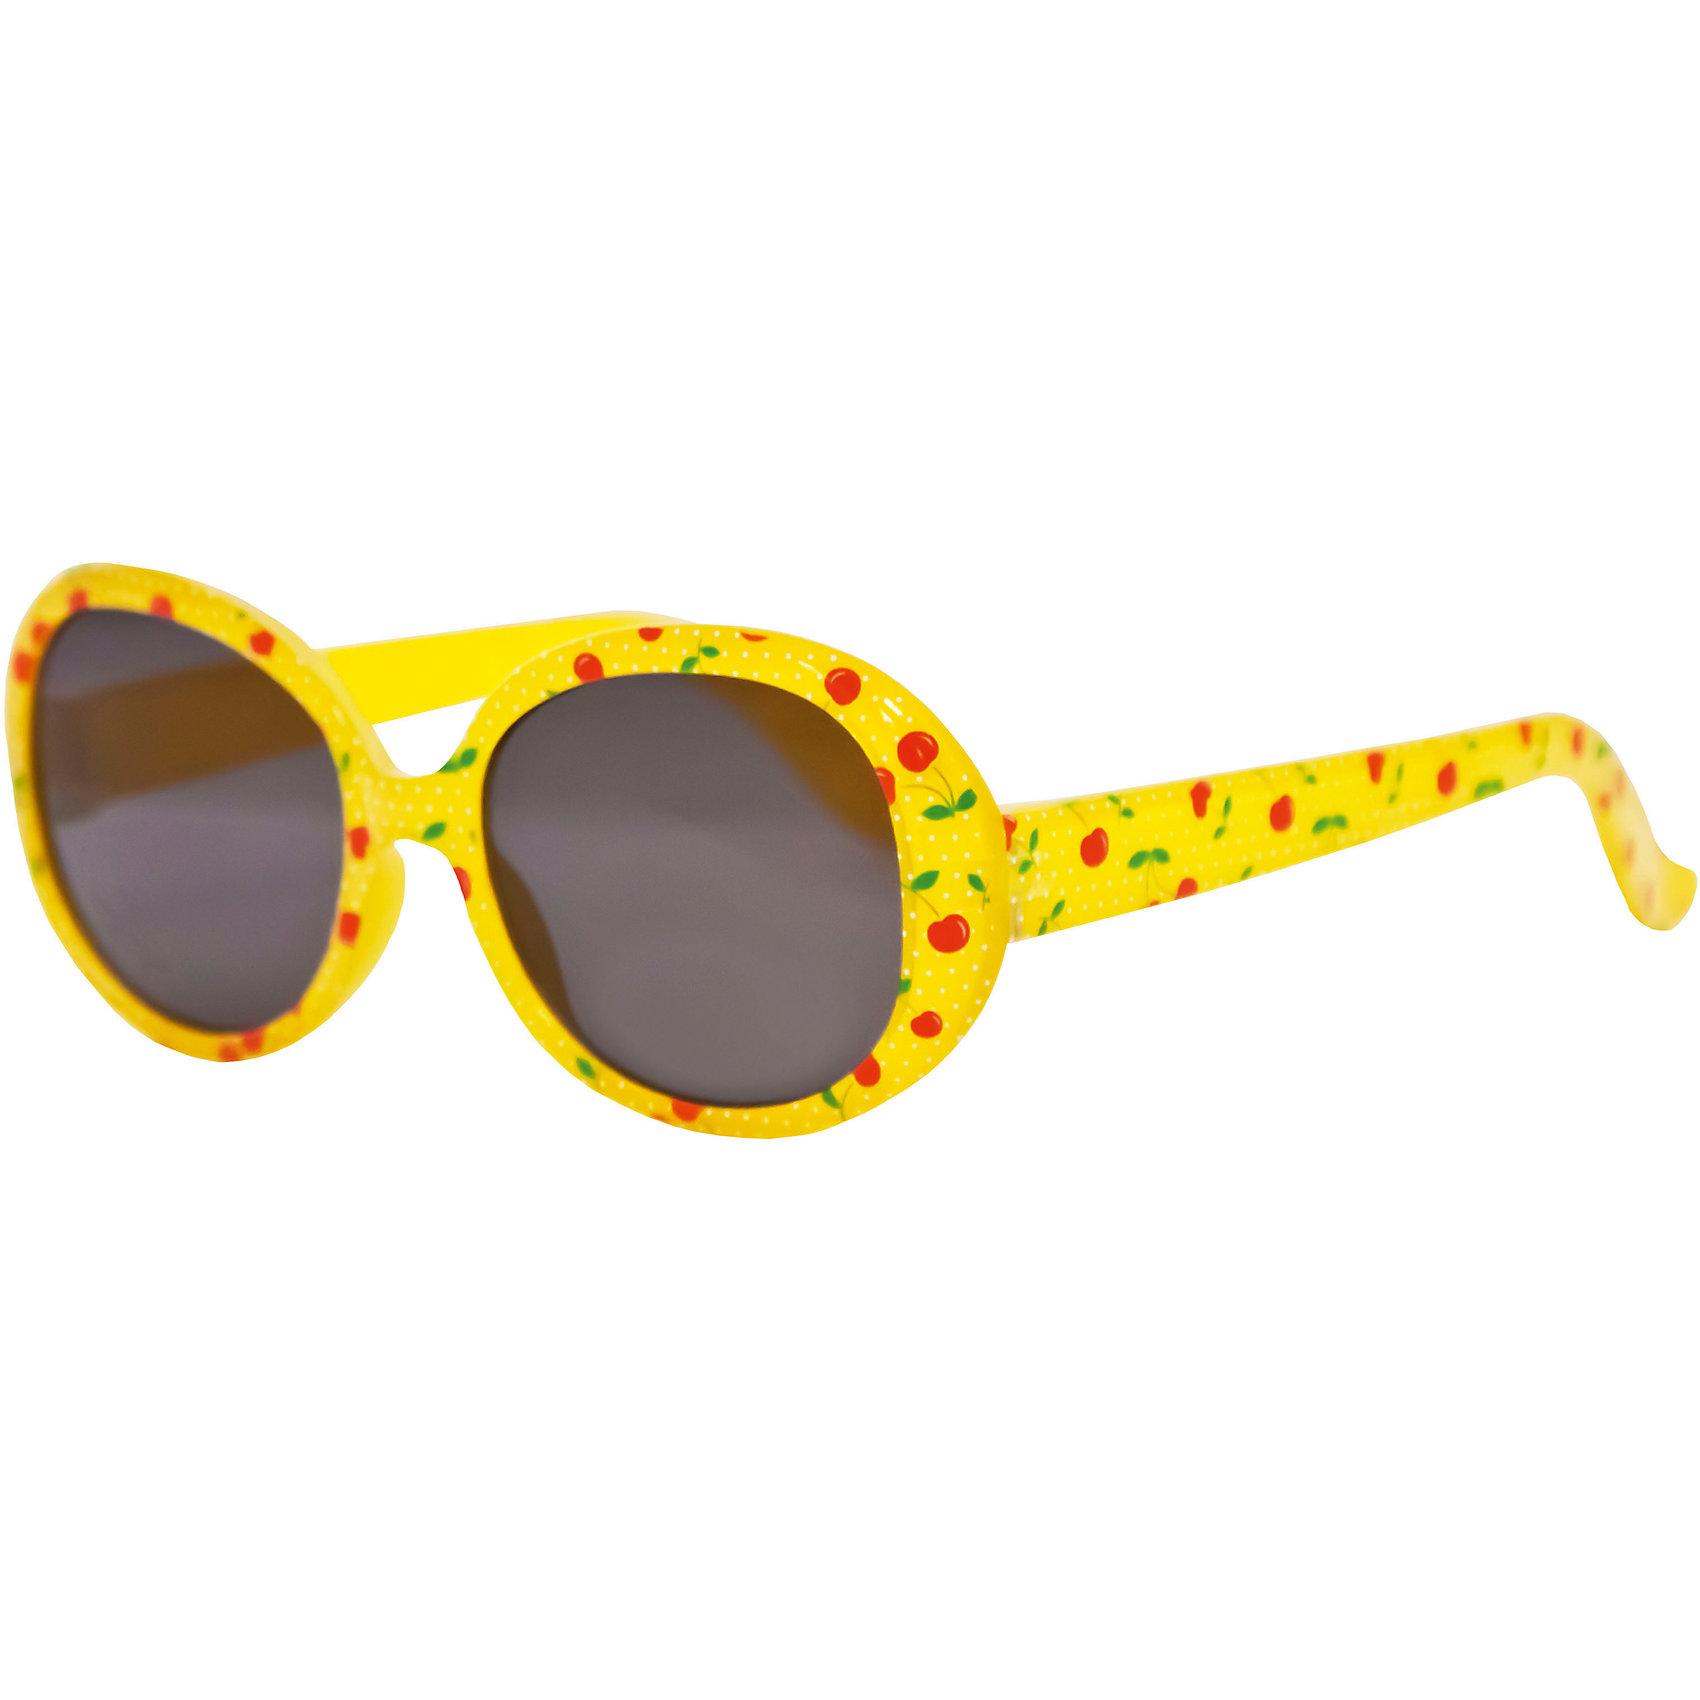 Солнцезащитные очки CaramellaАксессуары<br>Желтые солнцезащитные очки «Caramella» со стильным цветочным принтом – это ультрамодный и полезный аксессуар для маленькой модницы. Их пластиковые линзы надежно защищают глаза от коварных ультрафиолетовых лучей, особенно опасных для детских нежных хрусталиков. Удобные дужки комфортно прилегают к голове и почти не ощущаются. Аксессуар изготовлен из пластика, расстояние между дужками на внутренней части очков – 110 мм. Товар произведен в Тайване. Имеется сертификат качества и протокол испытания линз.<br><br>Ширина мм: 170<br>Глубина мм: 157<br>Высота мм: 67<br>Вес г: 117<br>Возраст от месяцев: 36<br>Возраст до месяцев: 2147483647<br>Пол: Женский<br>Возраст: Детский<br>SKU: 4738346